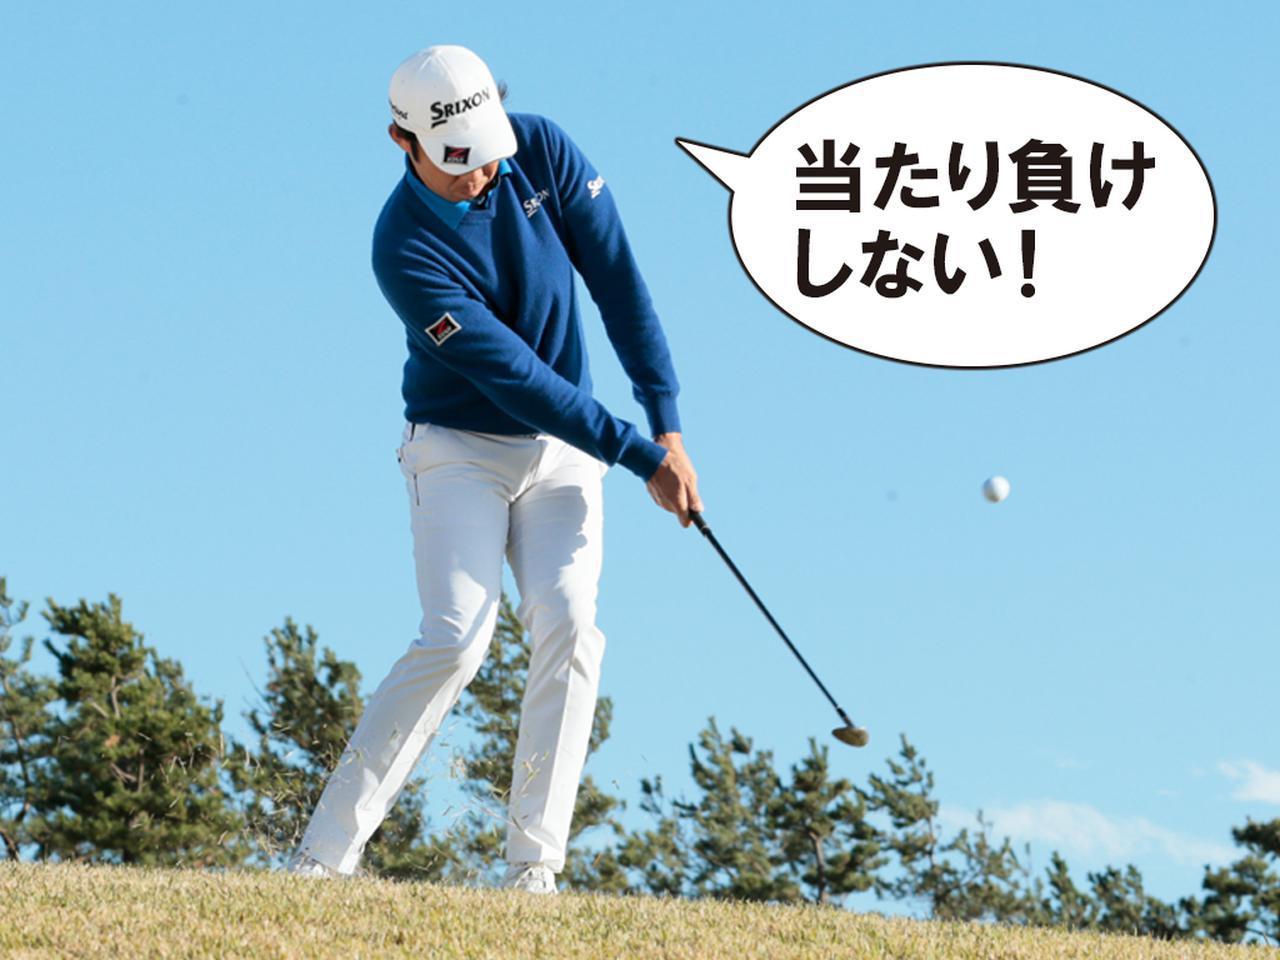 画像: 【横振りが良いワケ②】 ボールをつかまえられる